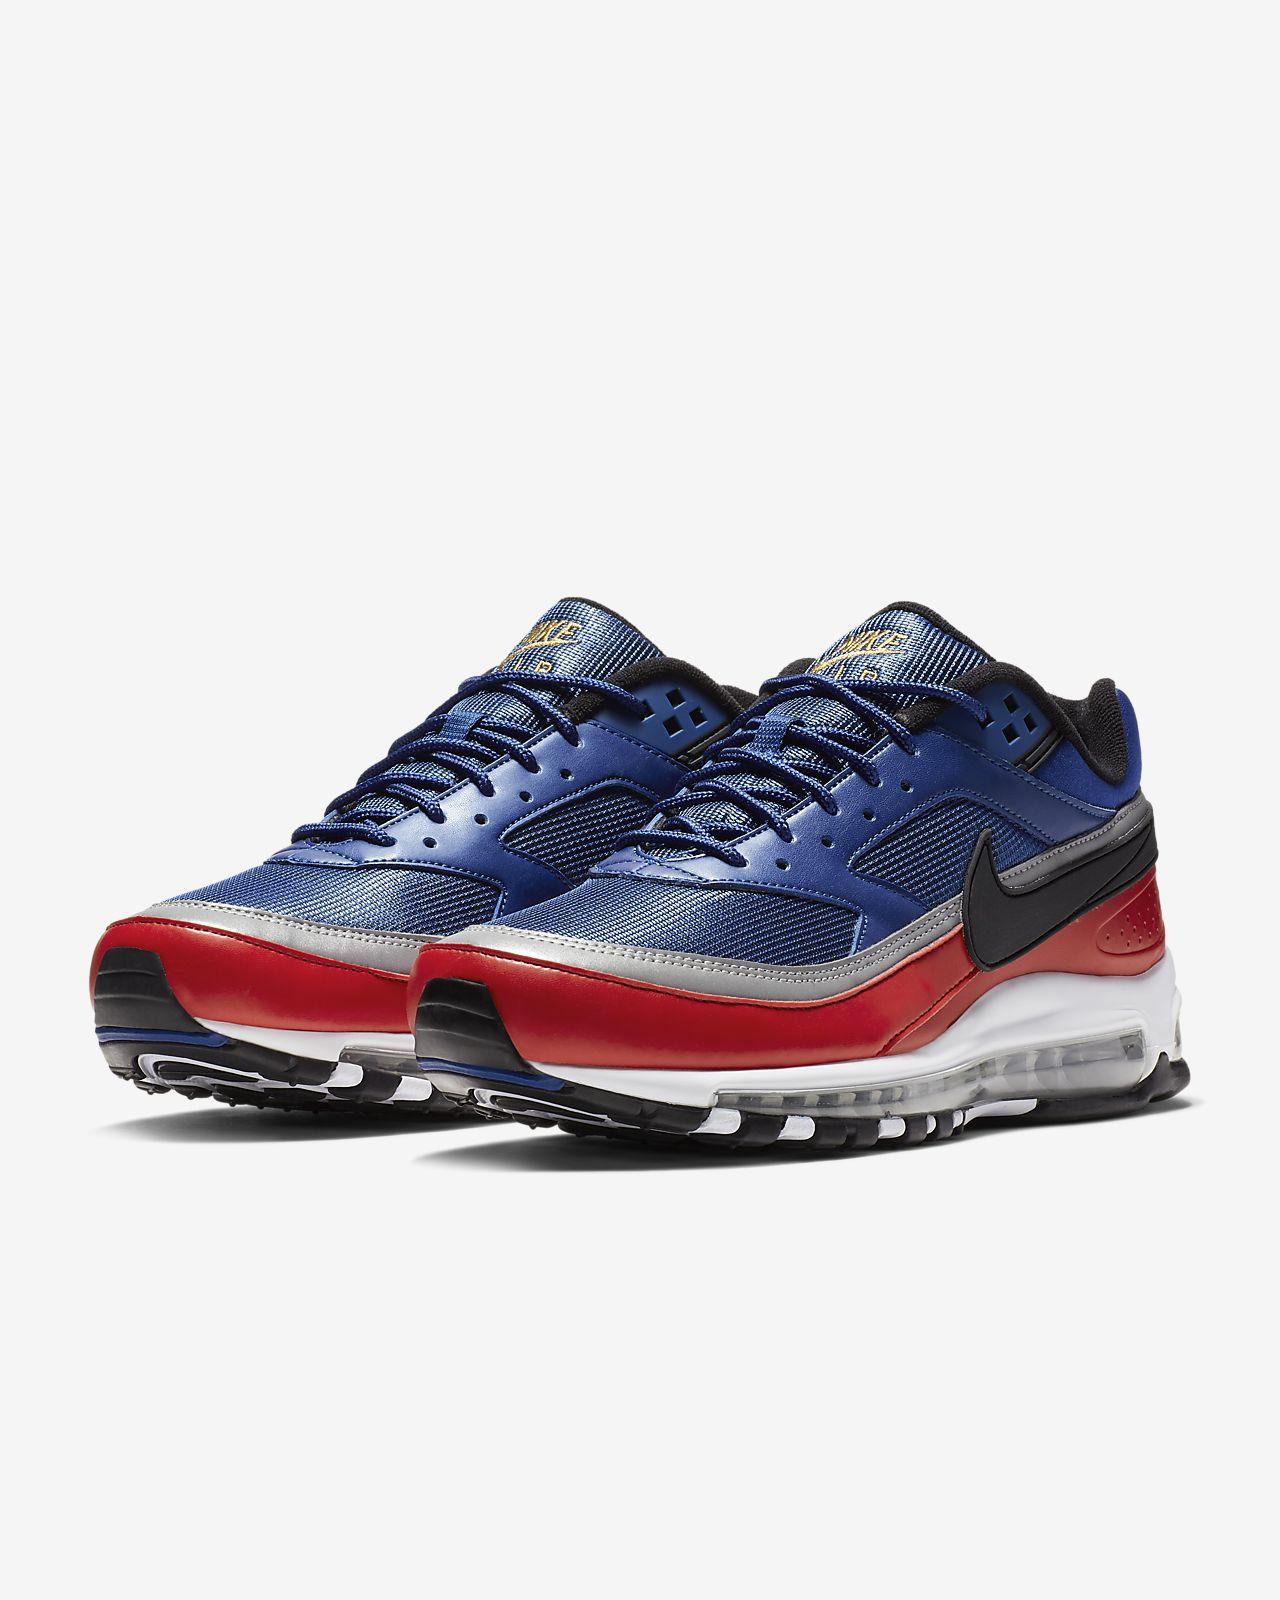 d974559b7b855 Nike Air Max 97 BW Zapatillas - Hombre. Nike.com ES